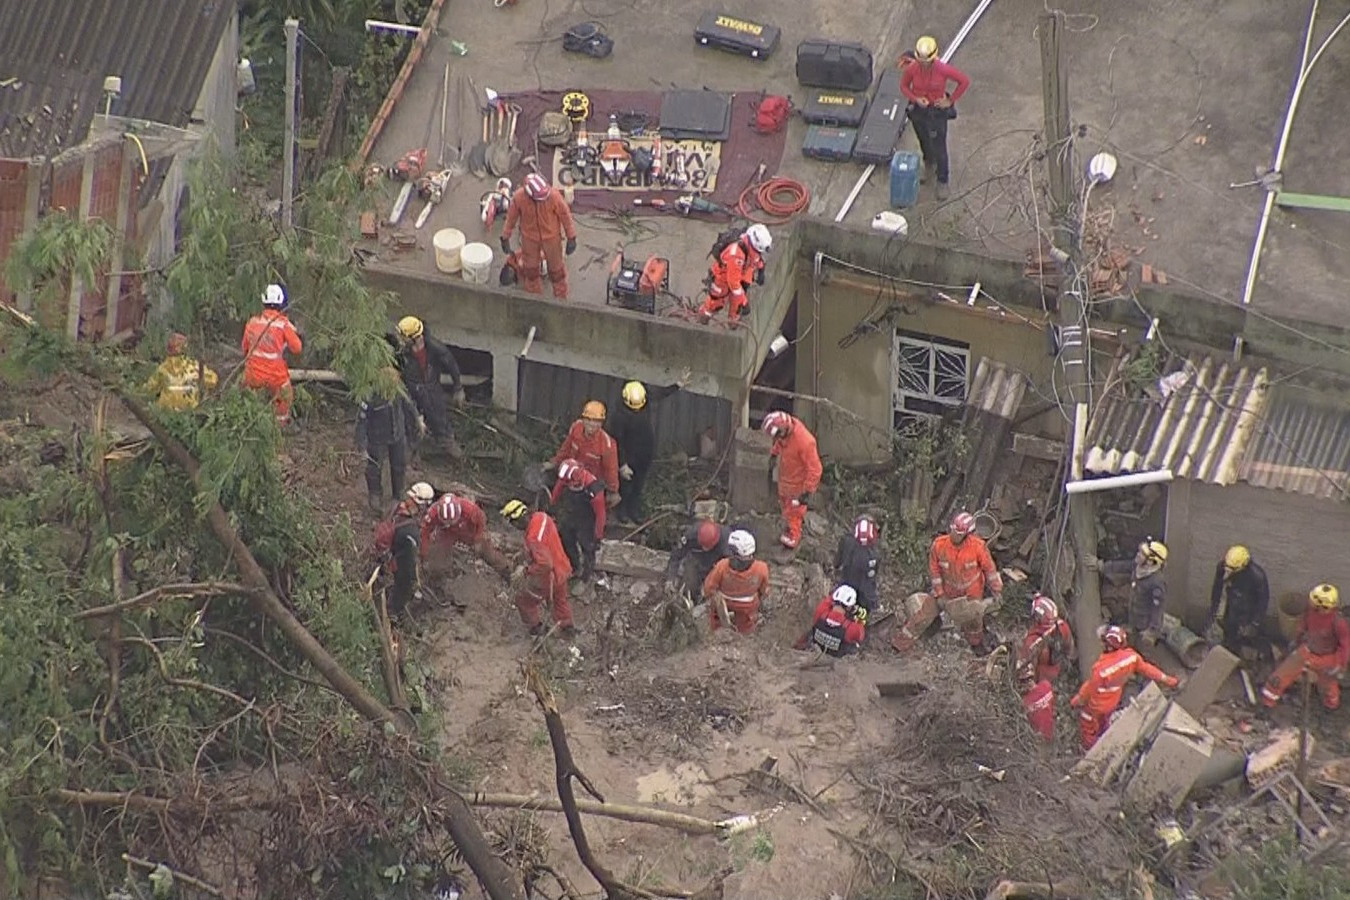 Deslizamento em Ibirité, na Grande BH, deixa duas mulheres e duas crianças desaparecidas sob escombros